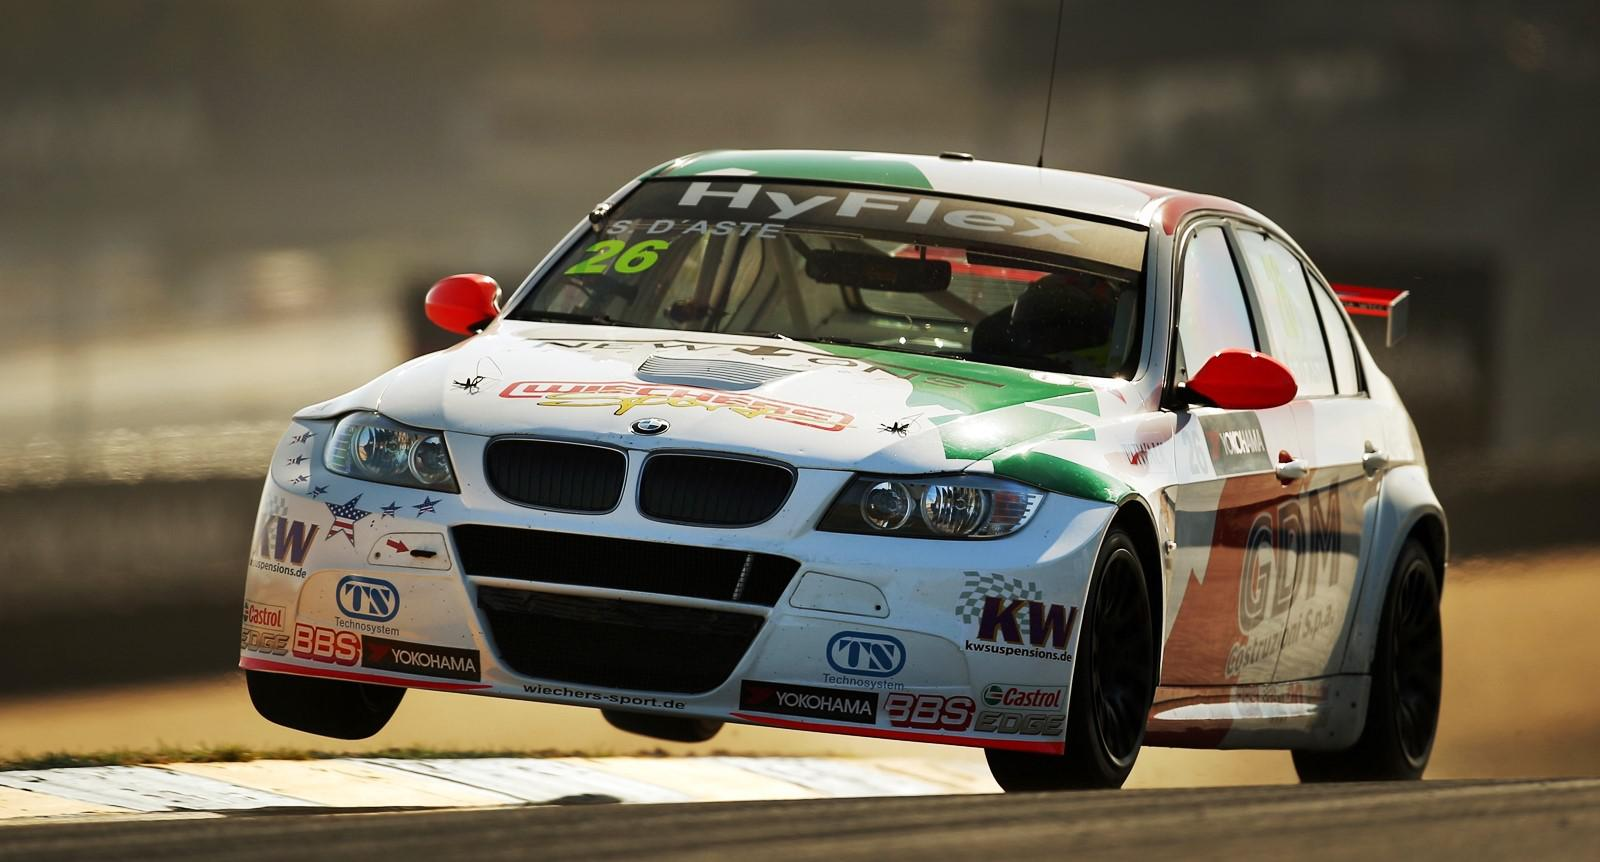 preparer-une-voiture-pour-la-course-au-maroc-1255-41.jpg